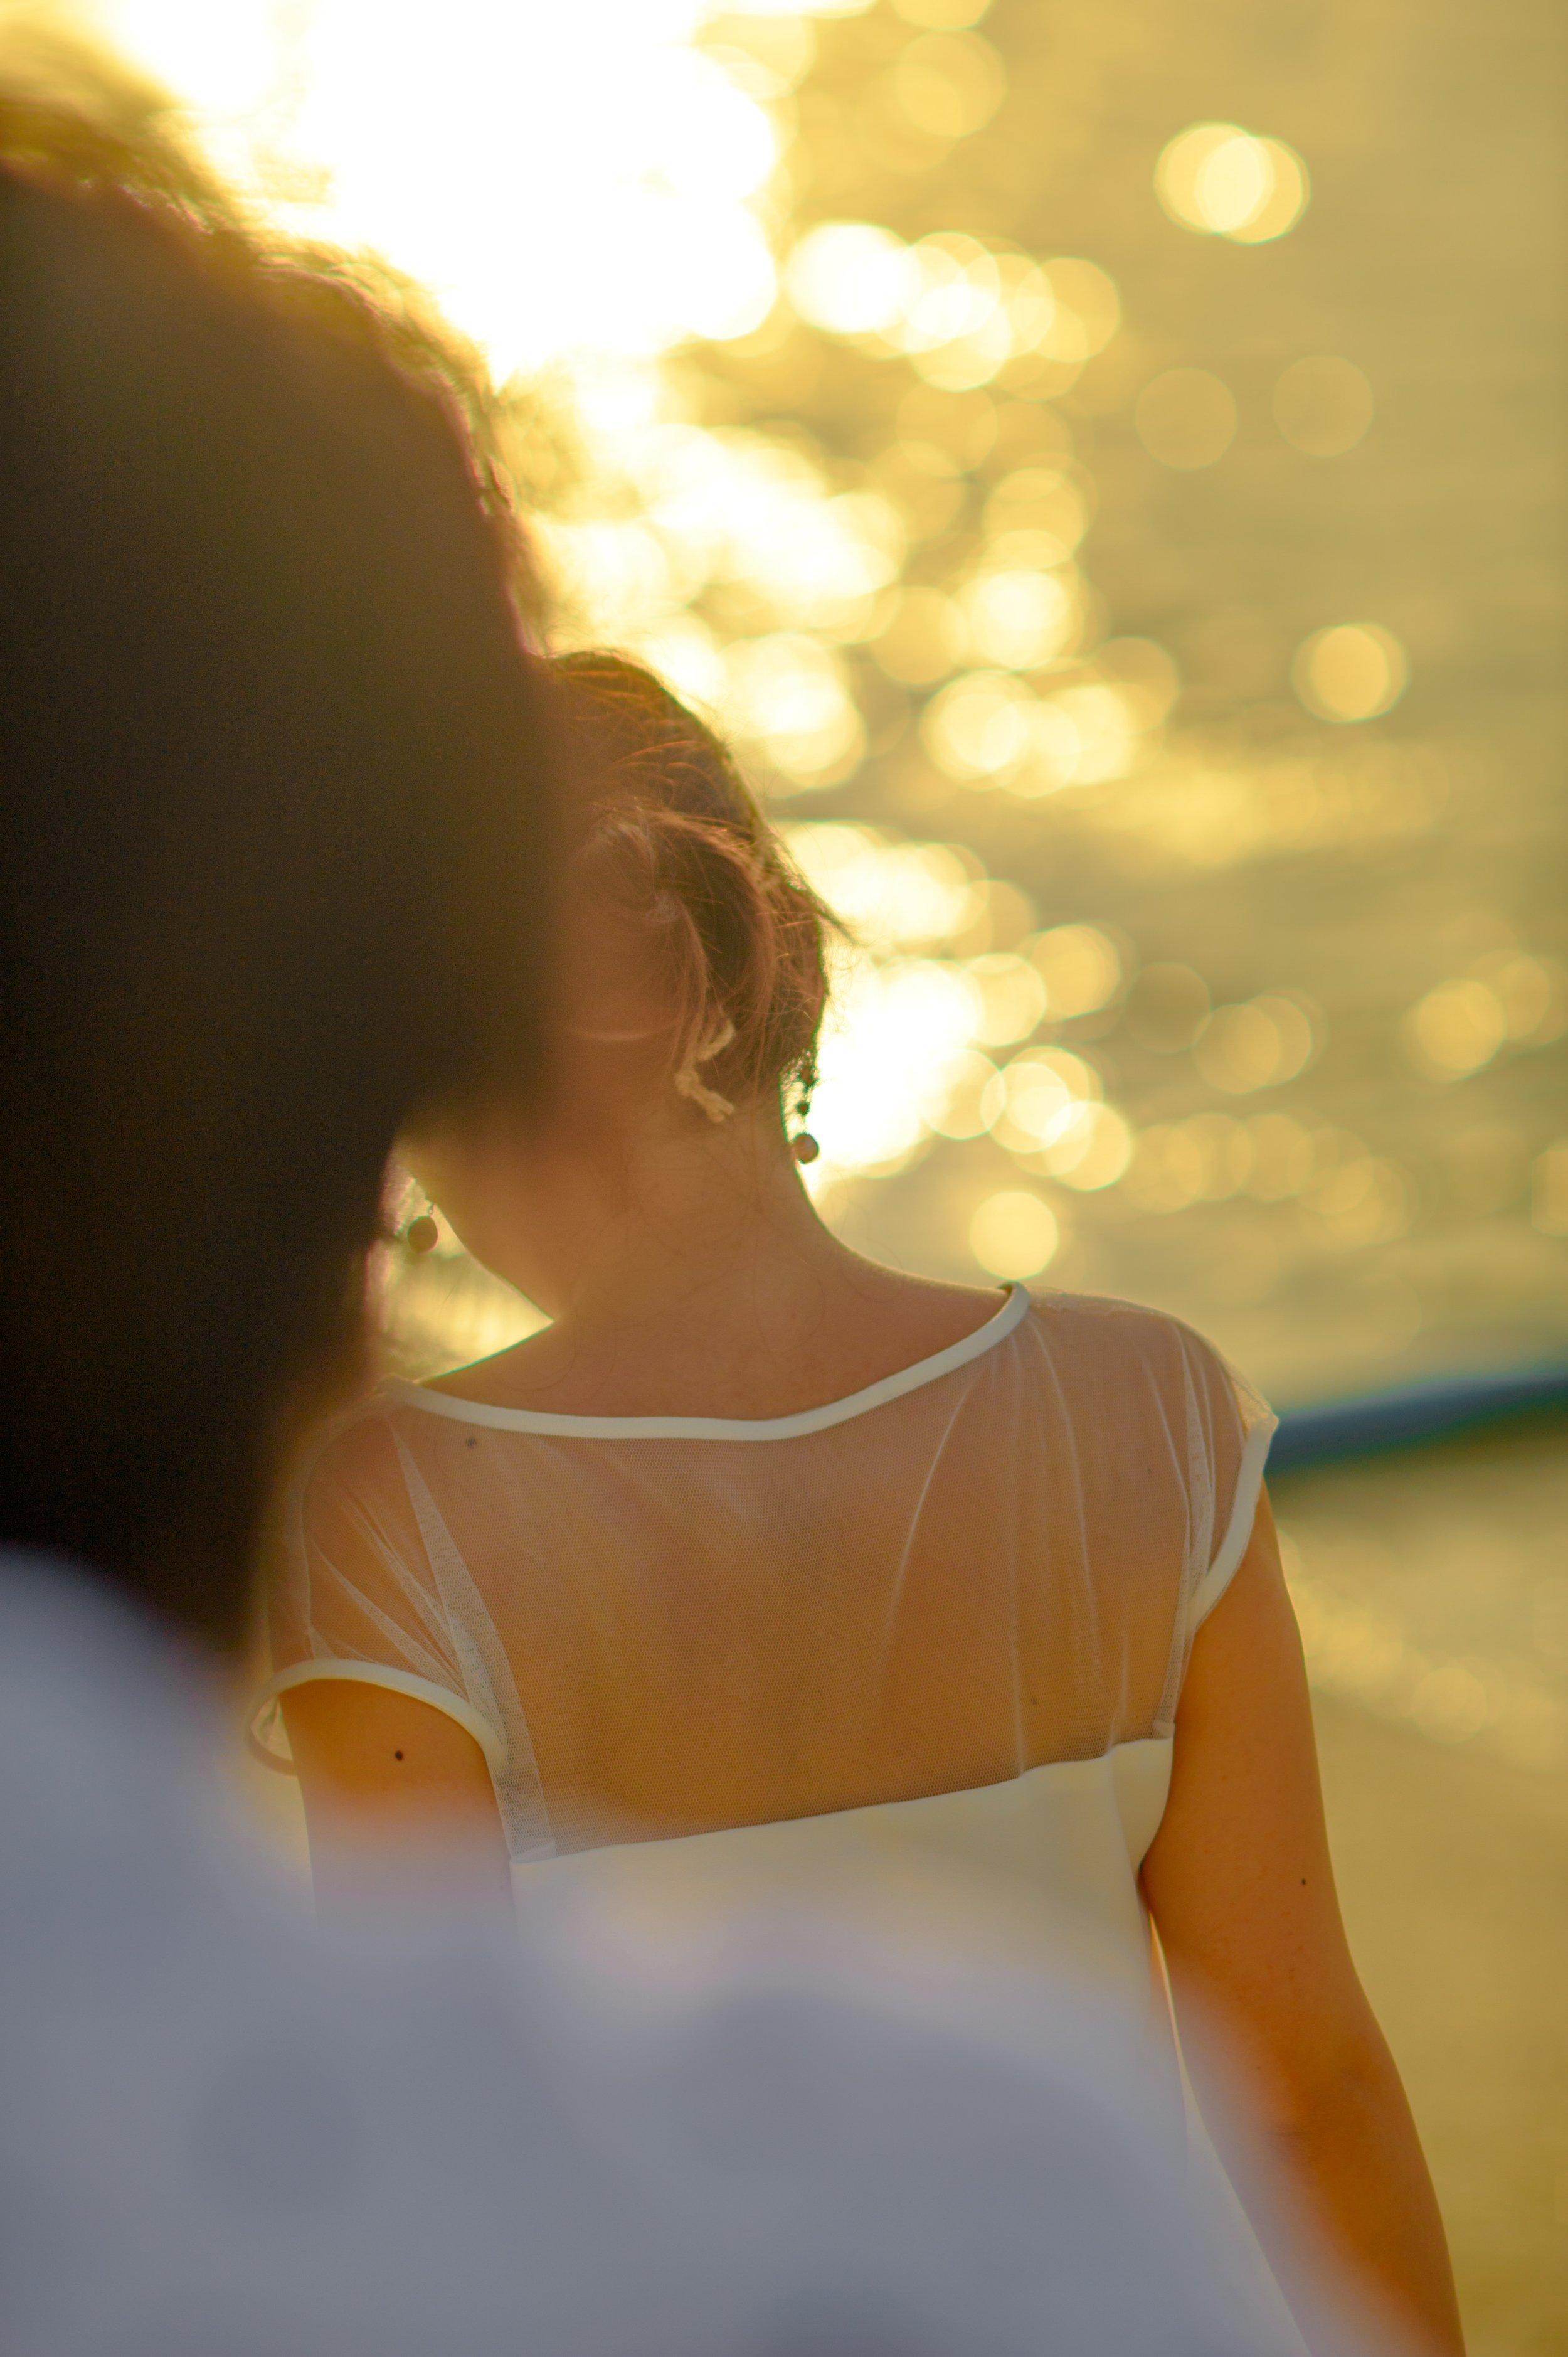 back-view-blur-bokeh-1021060.jpg